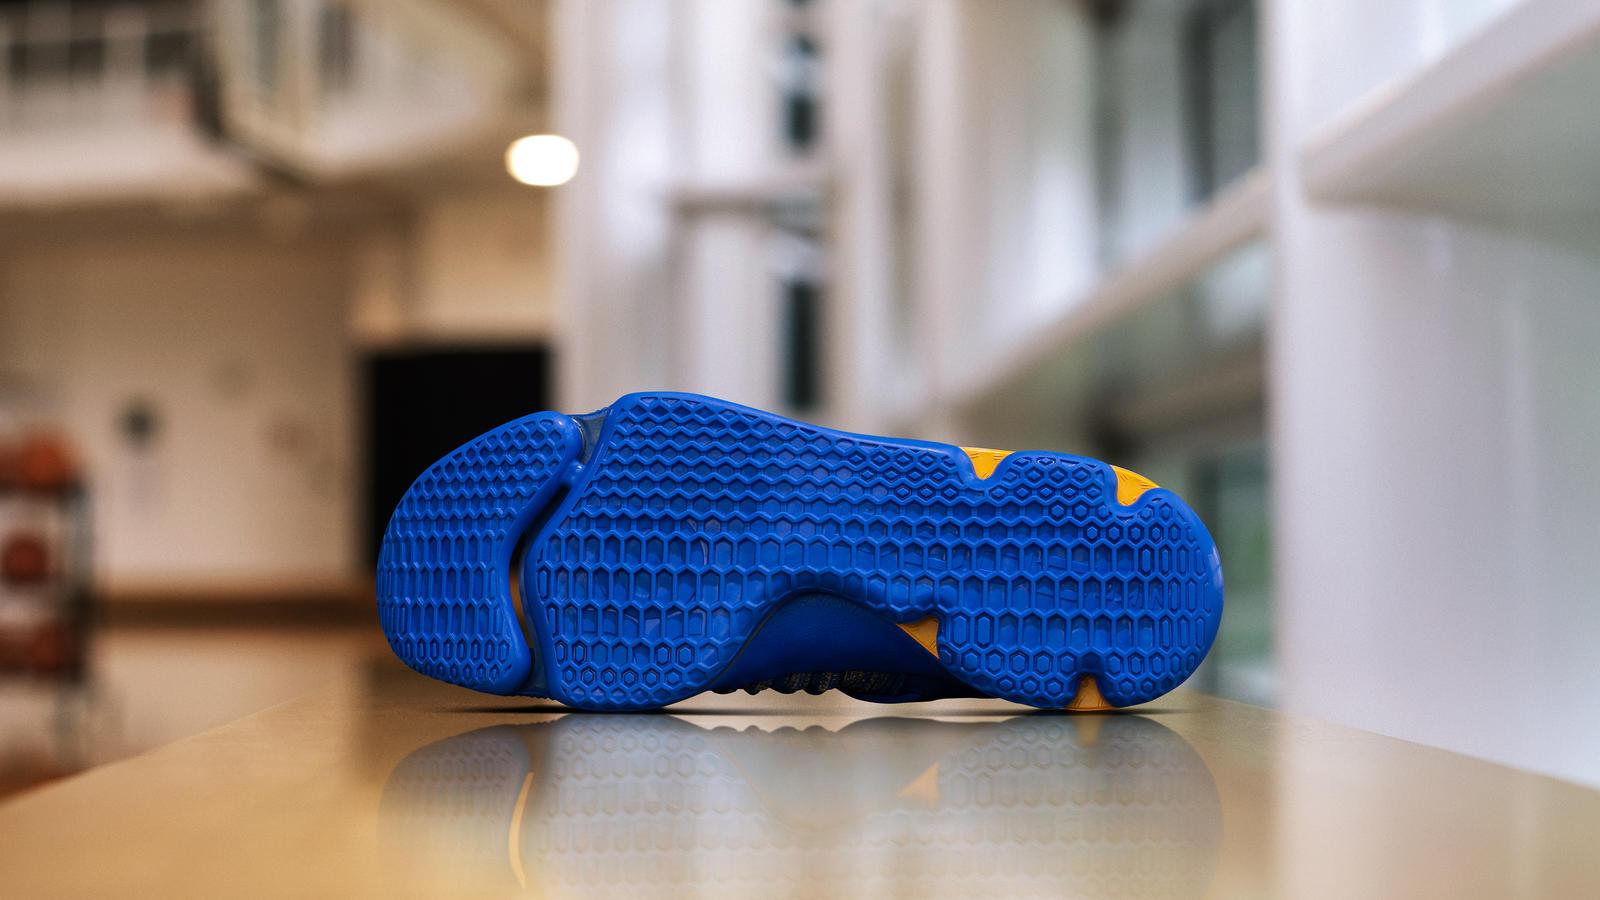 d6491c8f3b5 Nike Zoom Flyknit Streak (Boston) - Nike News